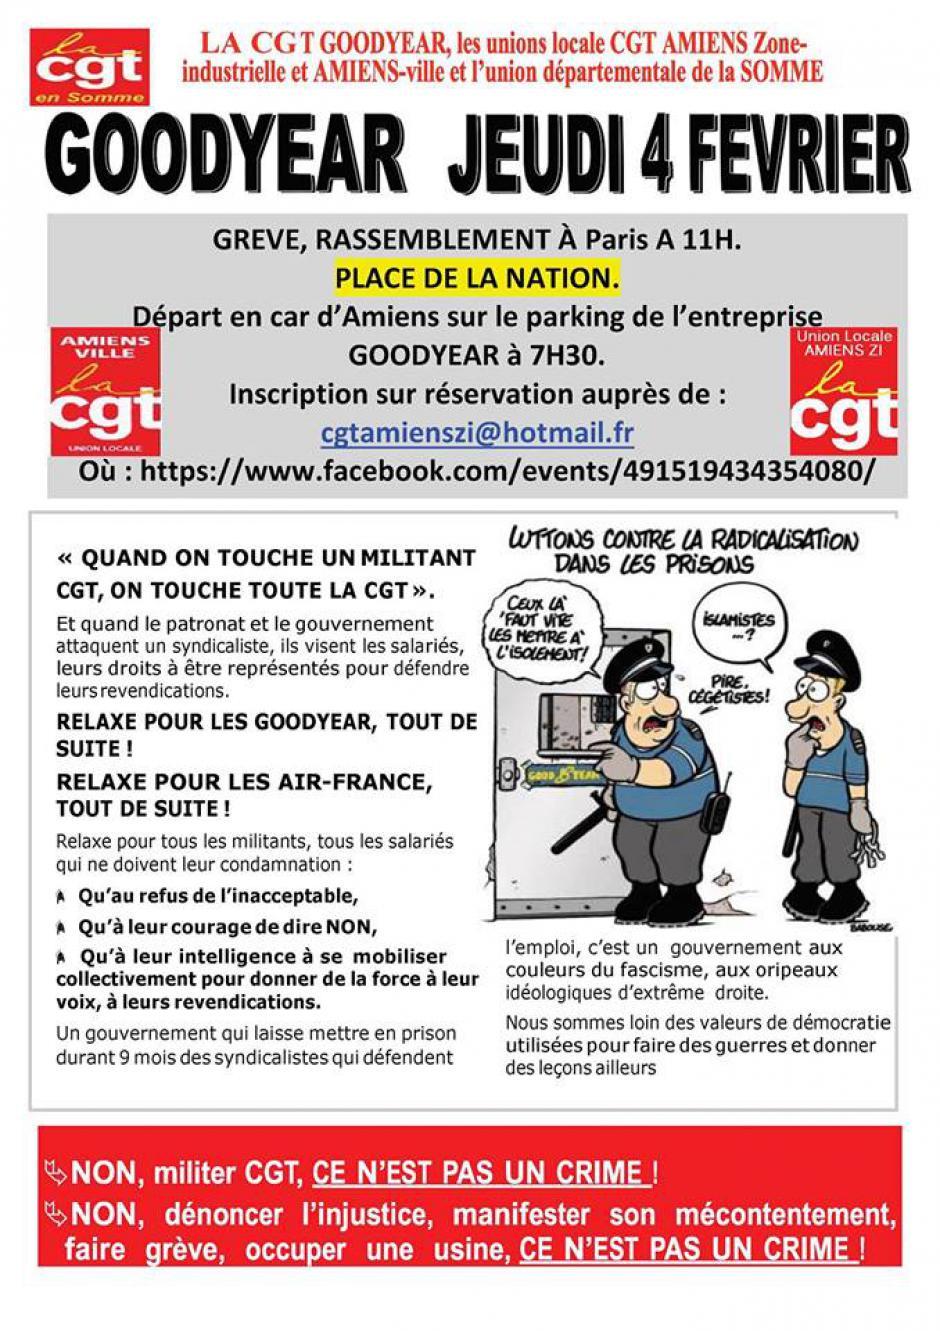 4 février, Paris - Manifestation « Relaxe pour les 8 syndicalistes de Goodyear »